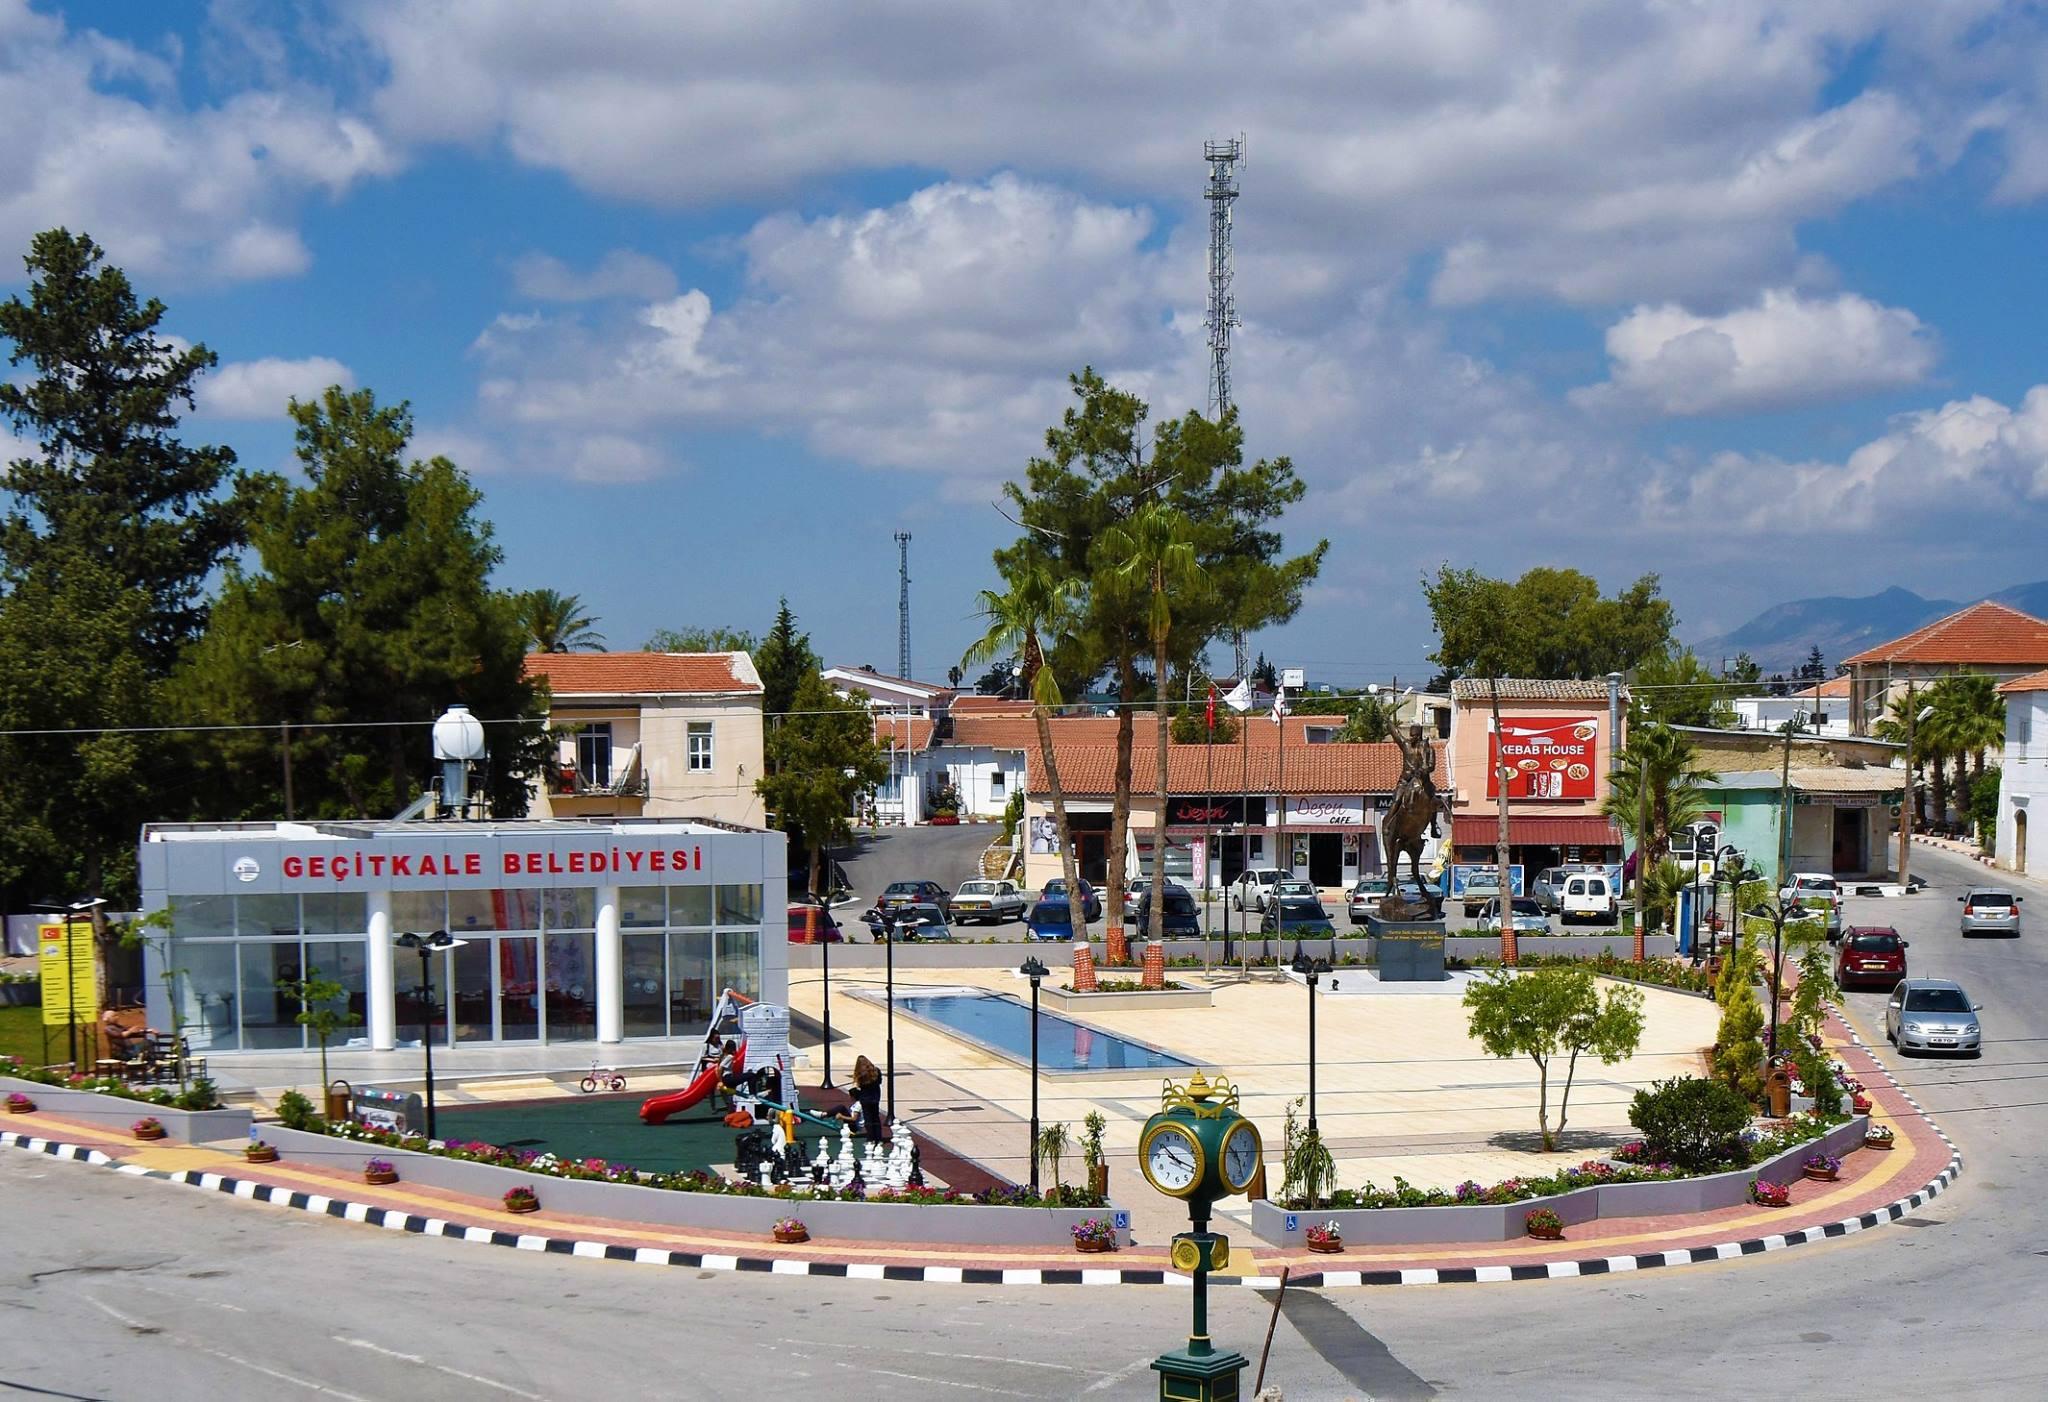 В Гечиткале появилась обновленная центральная площадь